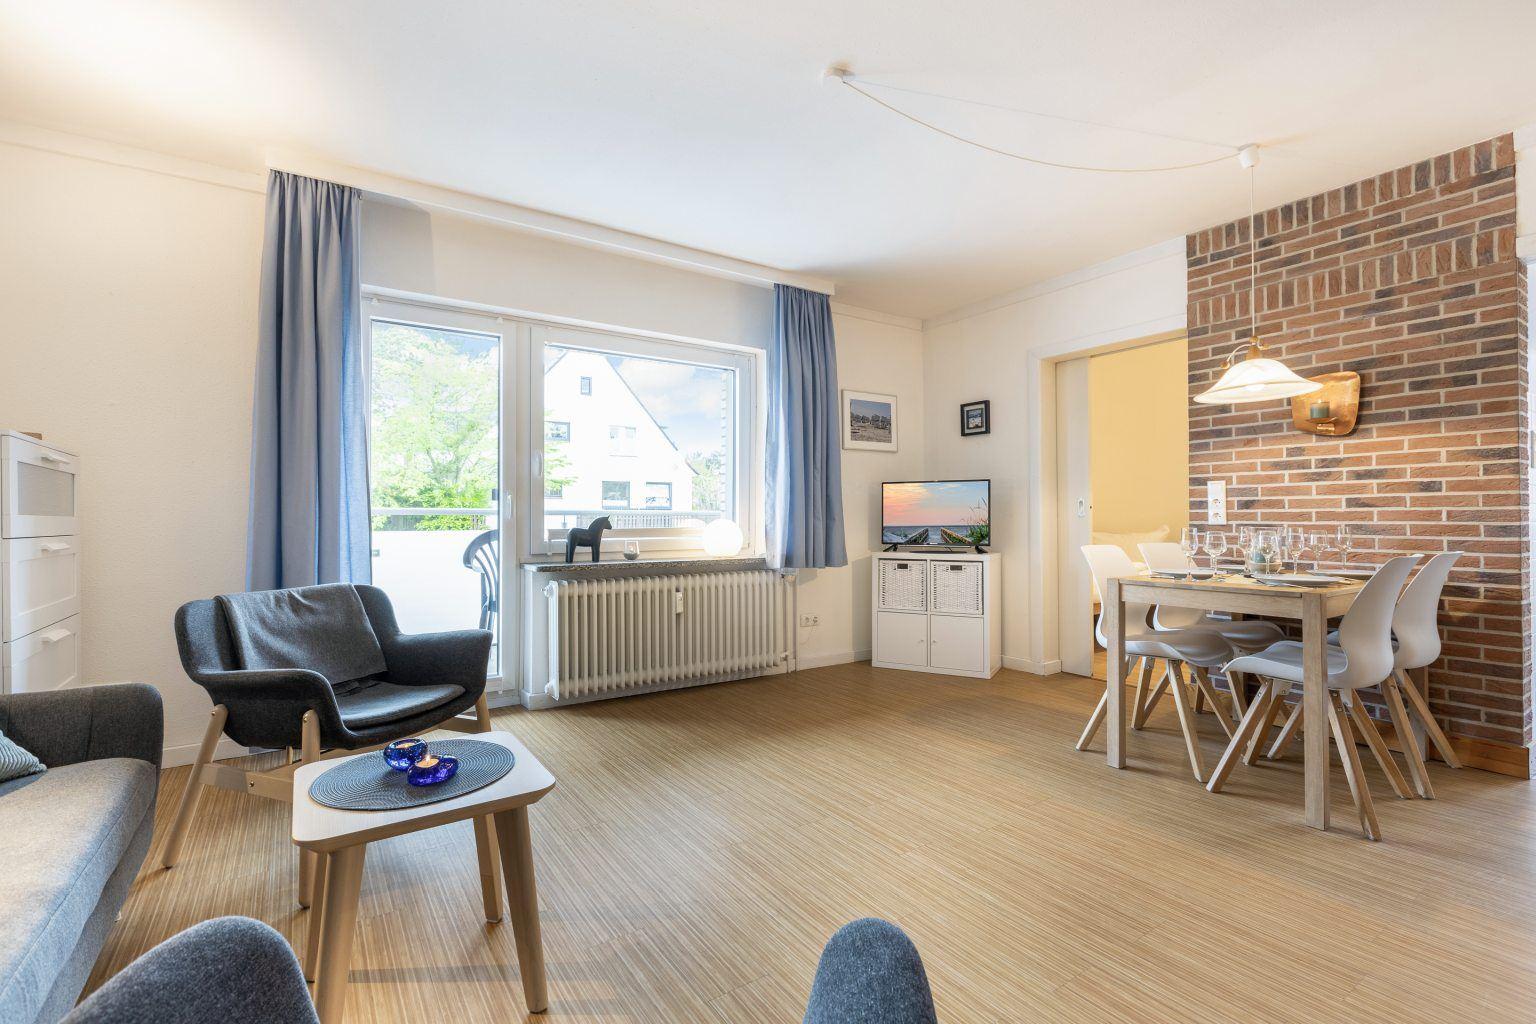 """Wohnzimmer mit Balkon - St Peter Ording Bad, Haus Colonia, Wohnung 1 """"Seestern"""", Im Bad 81"""